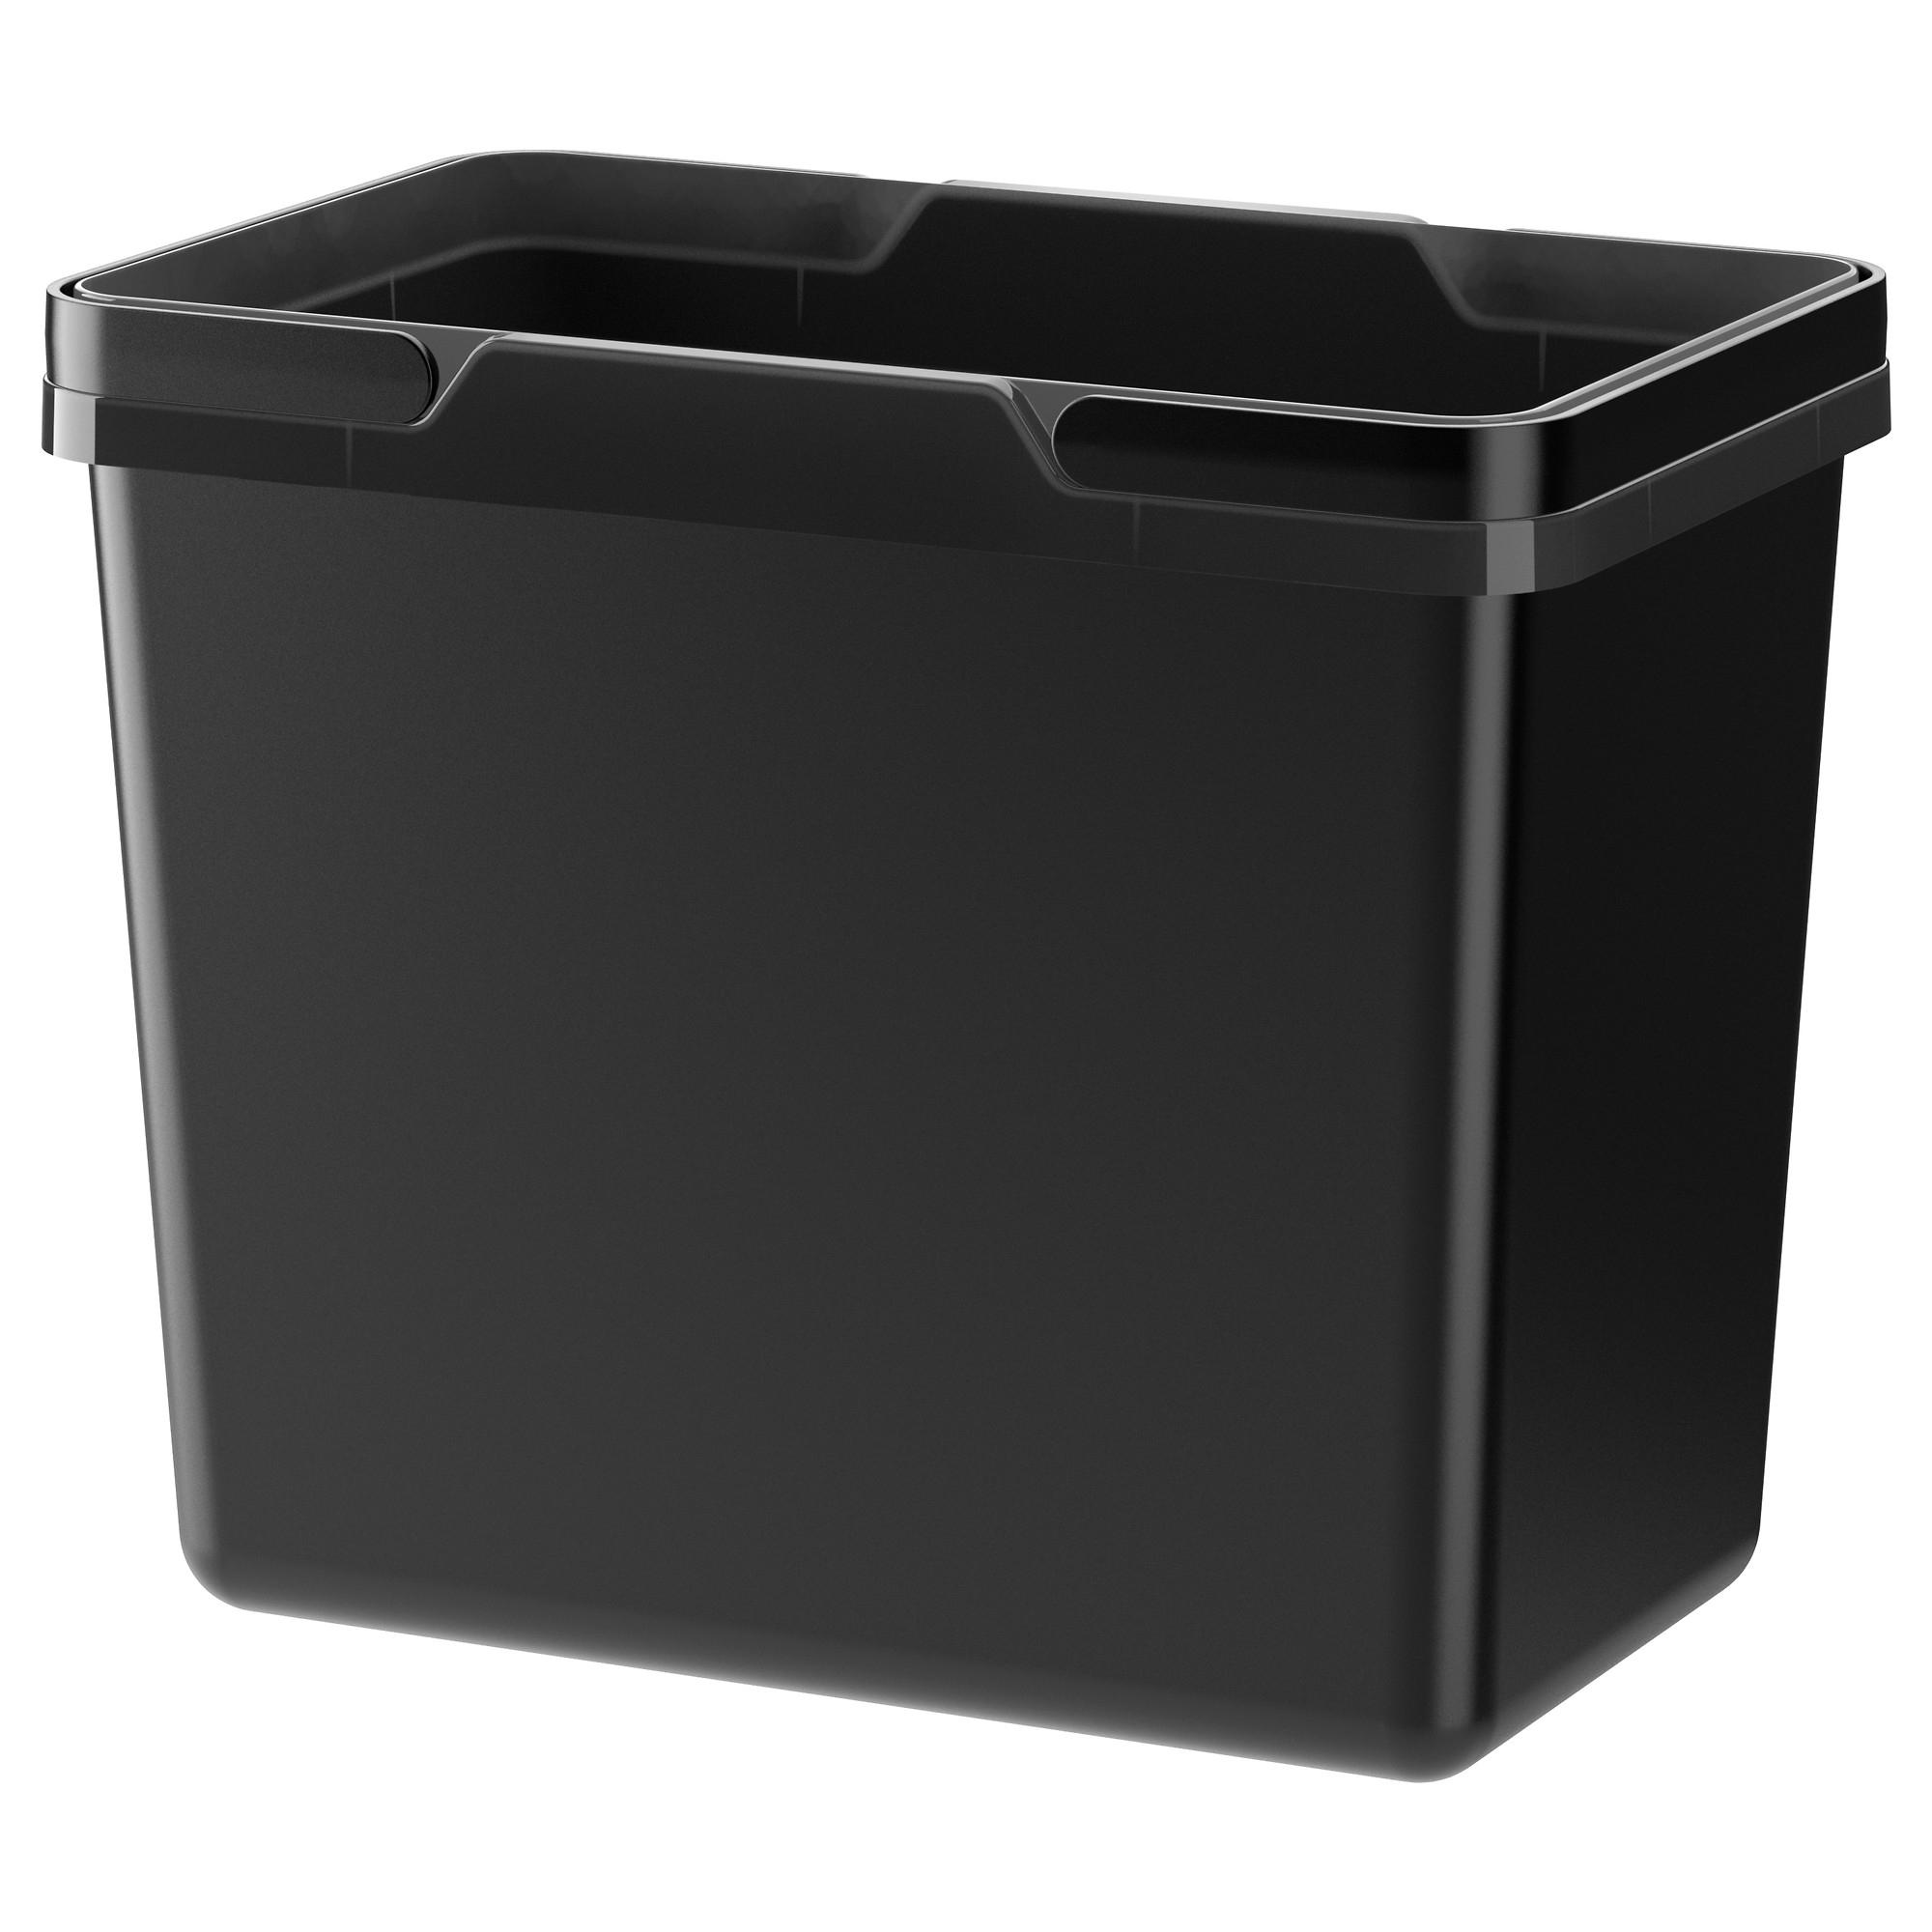 Variera cubo para reciclar 25l - Ikea cubo ropa ...